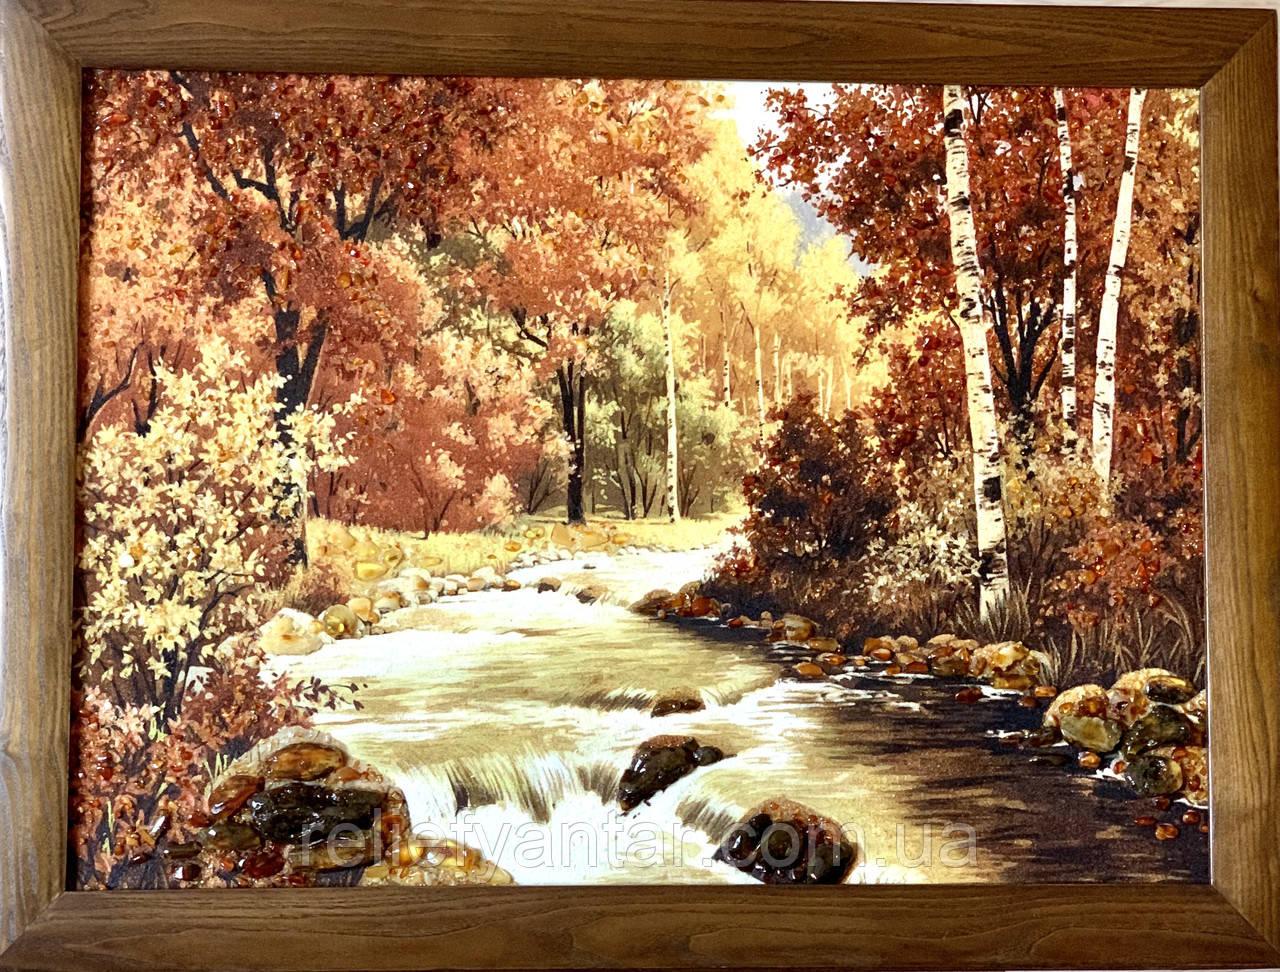 Большая картина пейзаж из янтаря «Горная осенняя река» 60x80 см